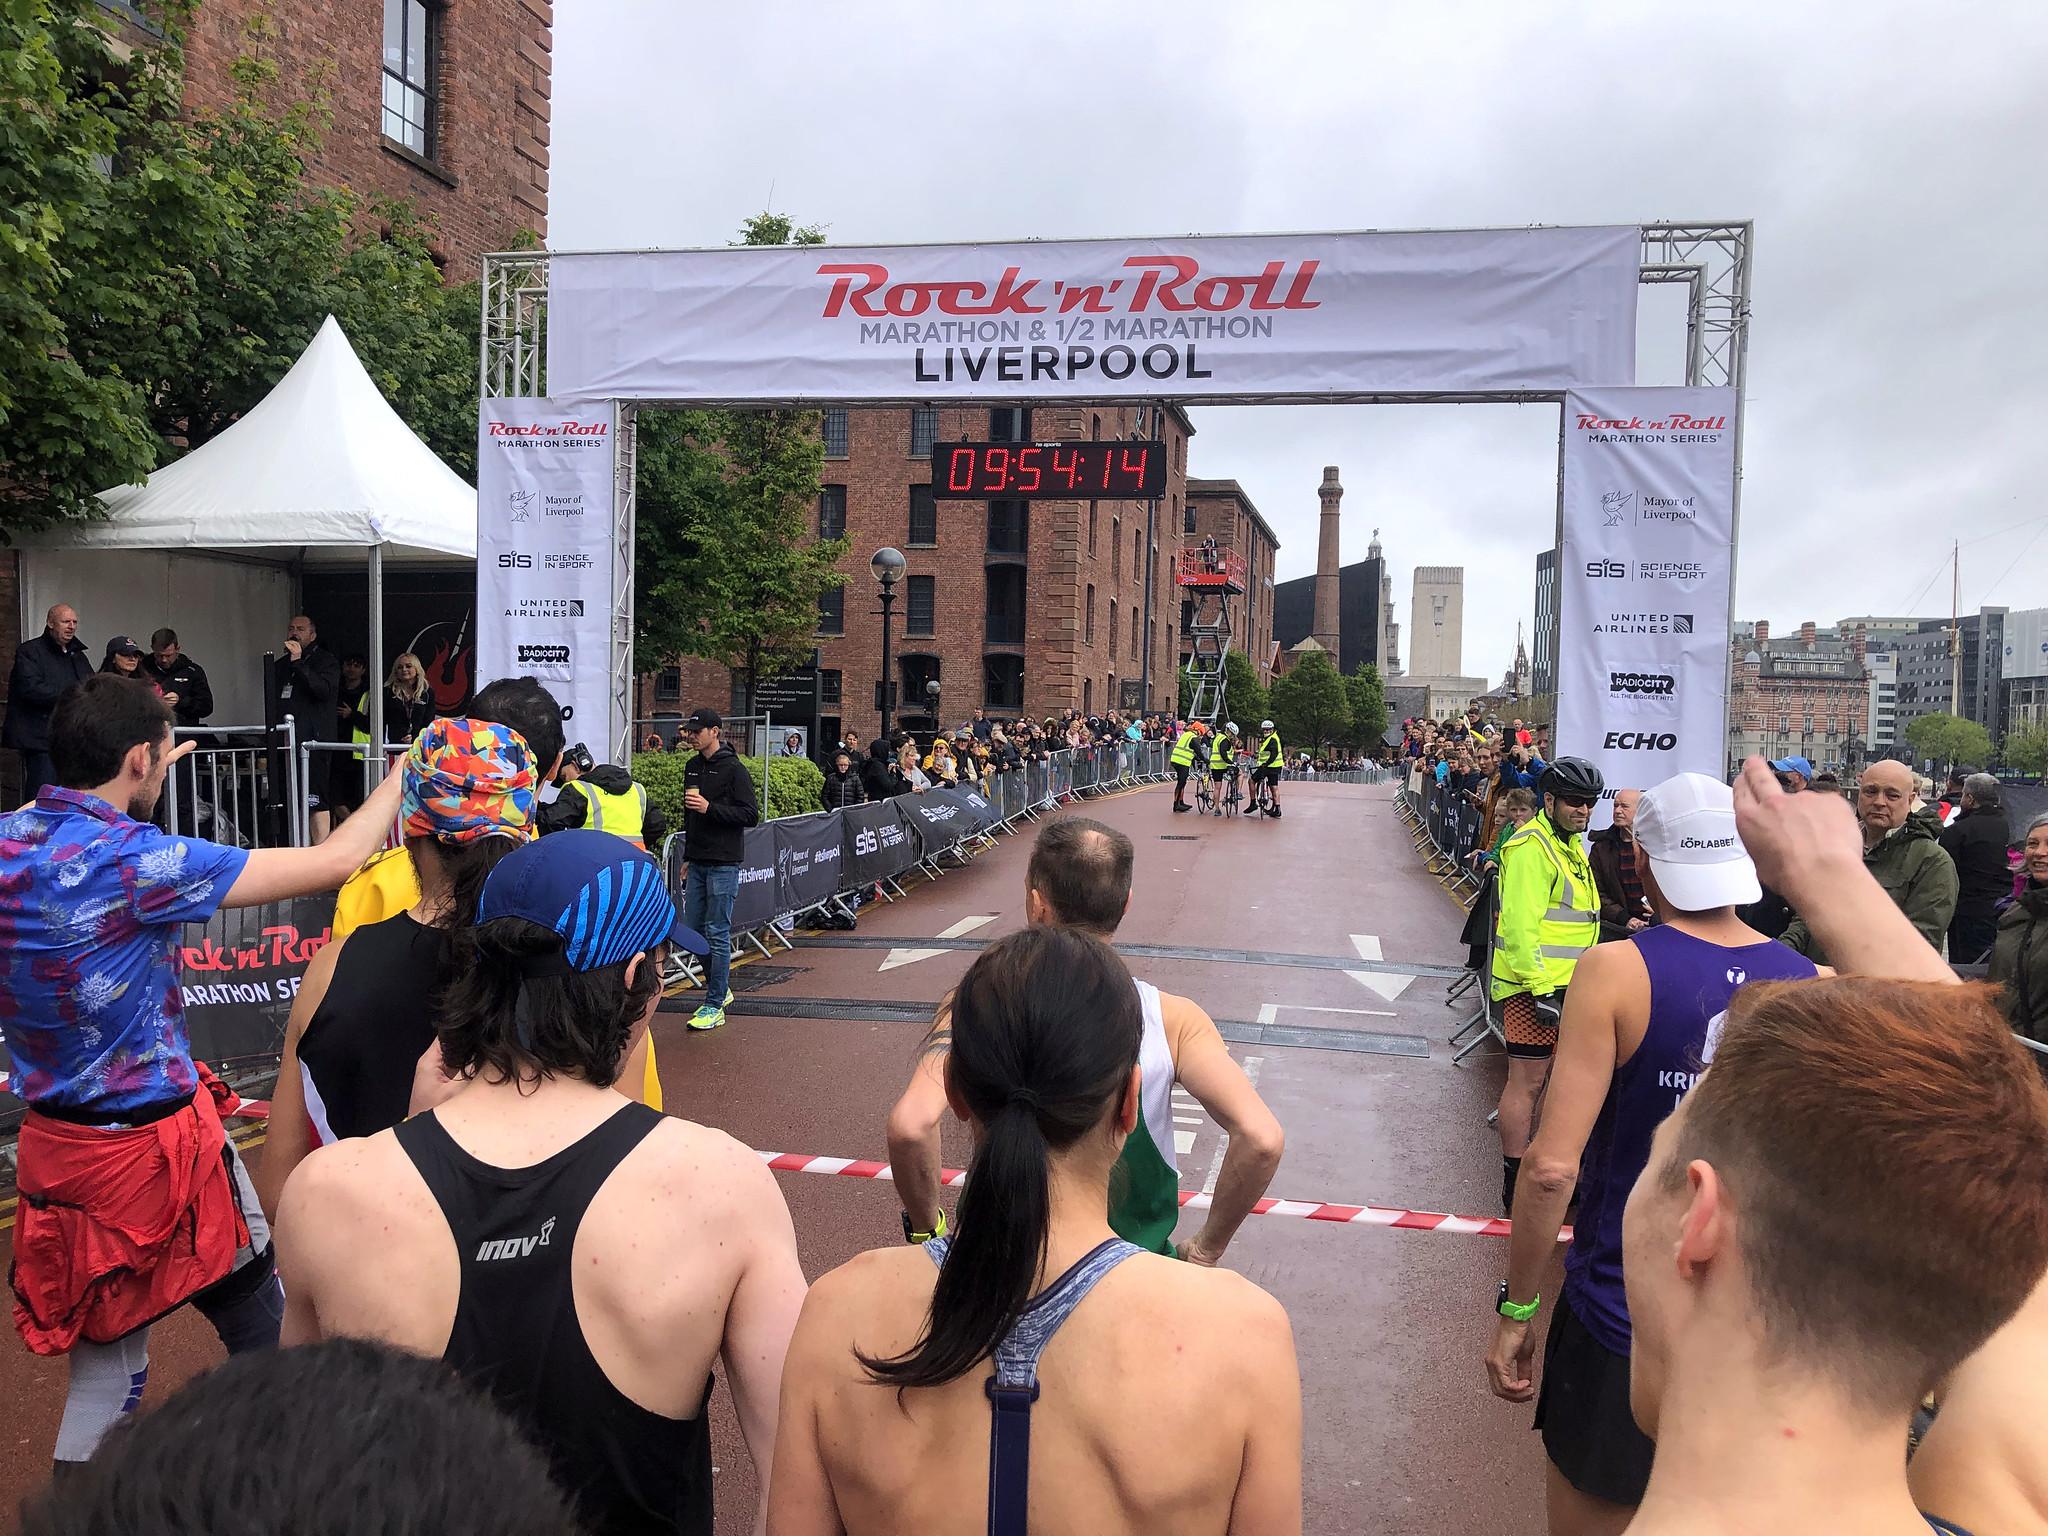 Maratón de Liverpool, Marathon maratón de liverpool - 48687235243 a255aeb21b k - Maratón de Liverpool: análisis, recorrido, entrenamiento y recomendaciones de viaje